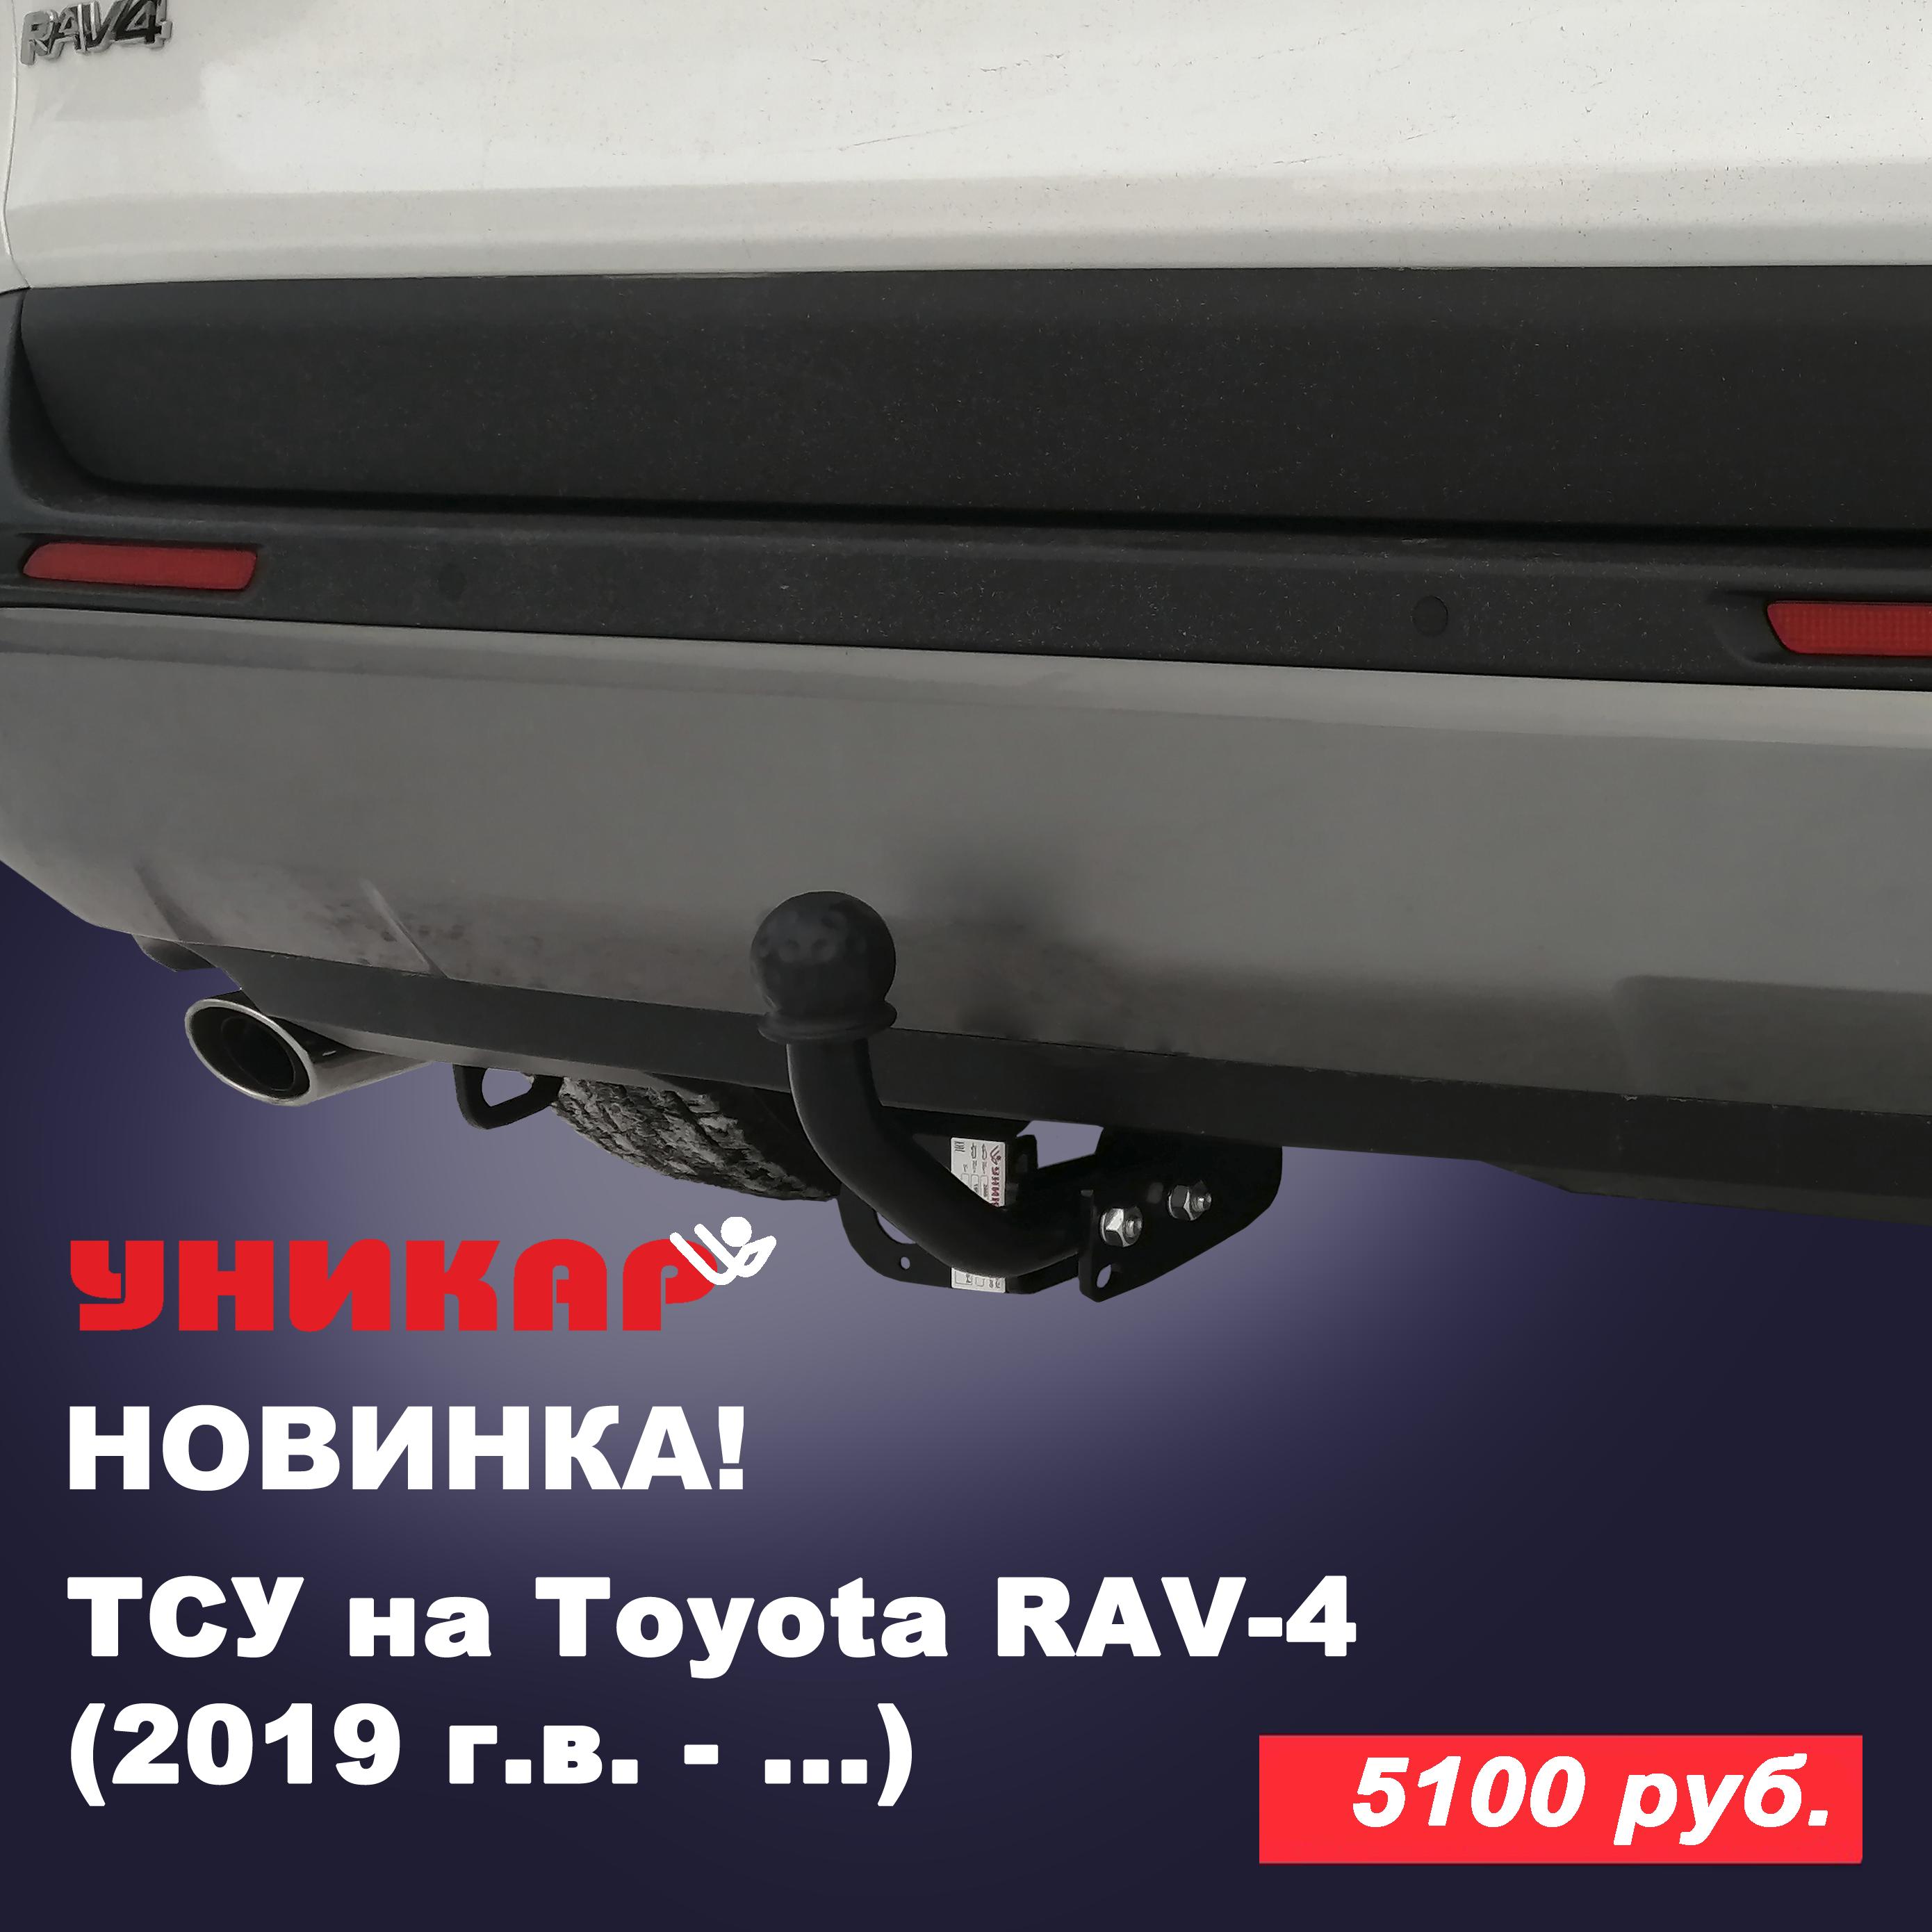 ❗ Новинка ❗ ТСУ (фаркоп) на Toyota RAV-4 (2019 г.в. — …)!